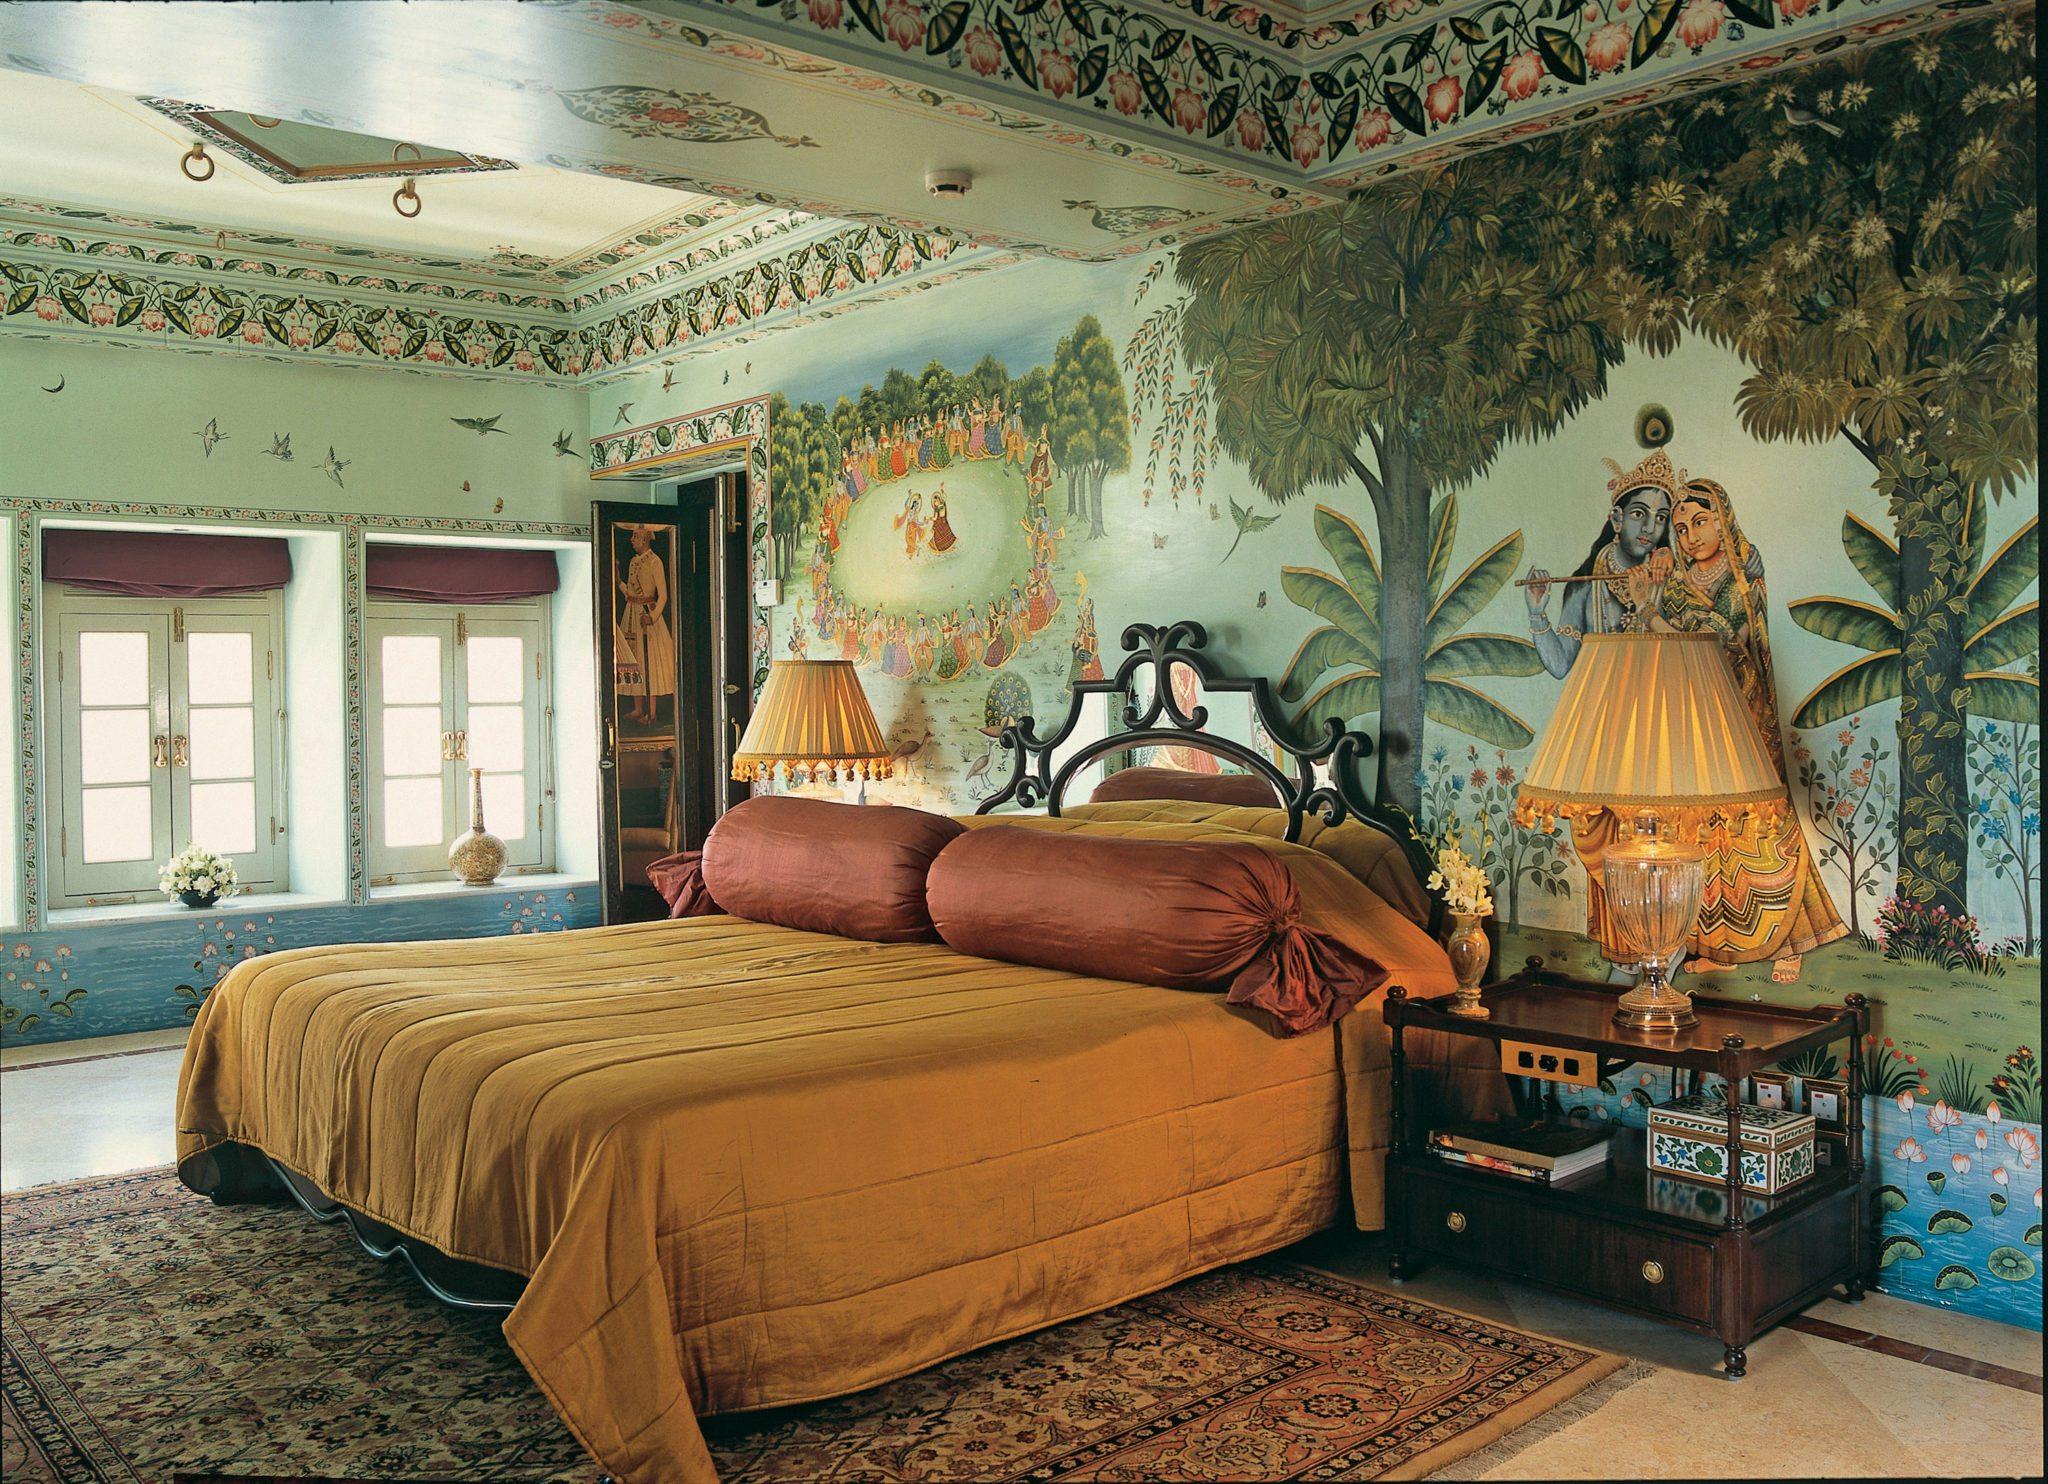 Индийские орнаменты и мотивы настенных панно живописно отражают реалии Индии.